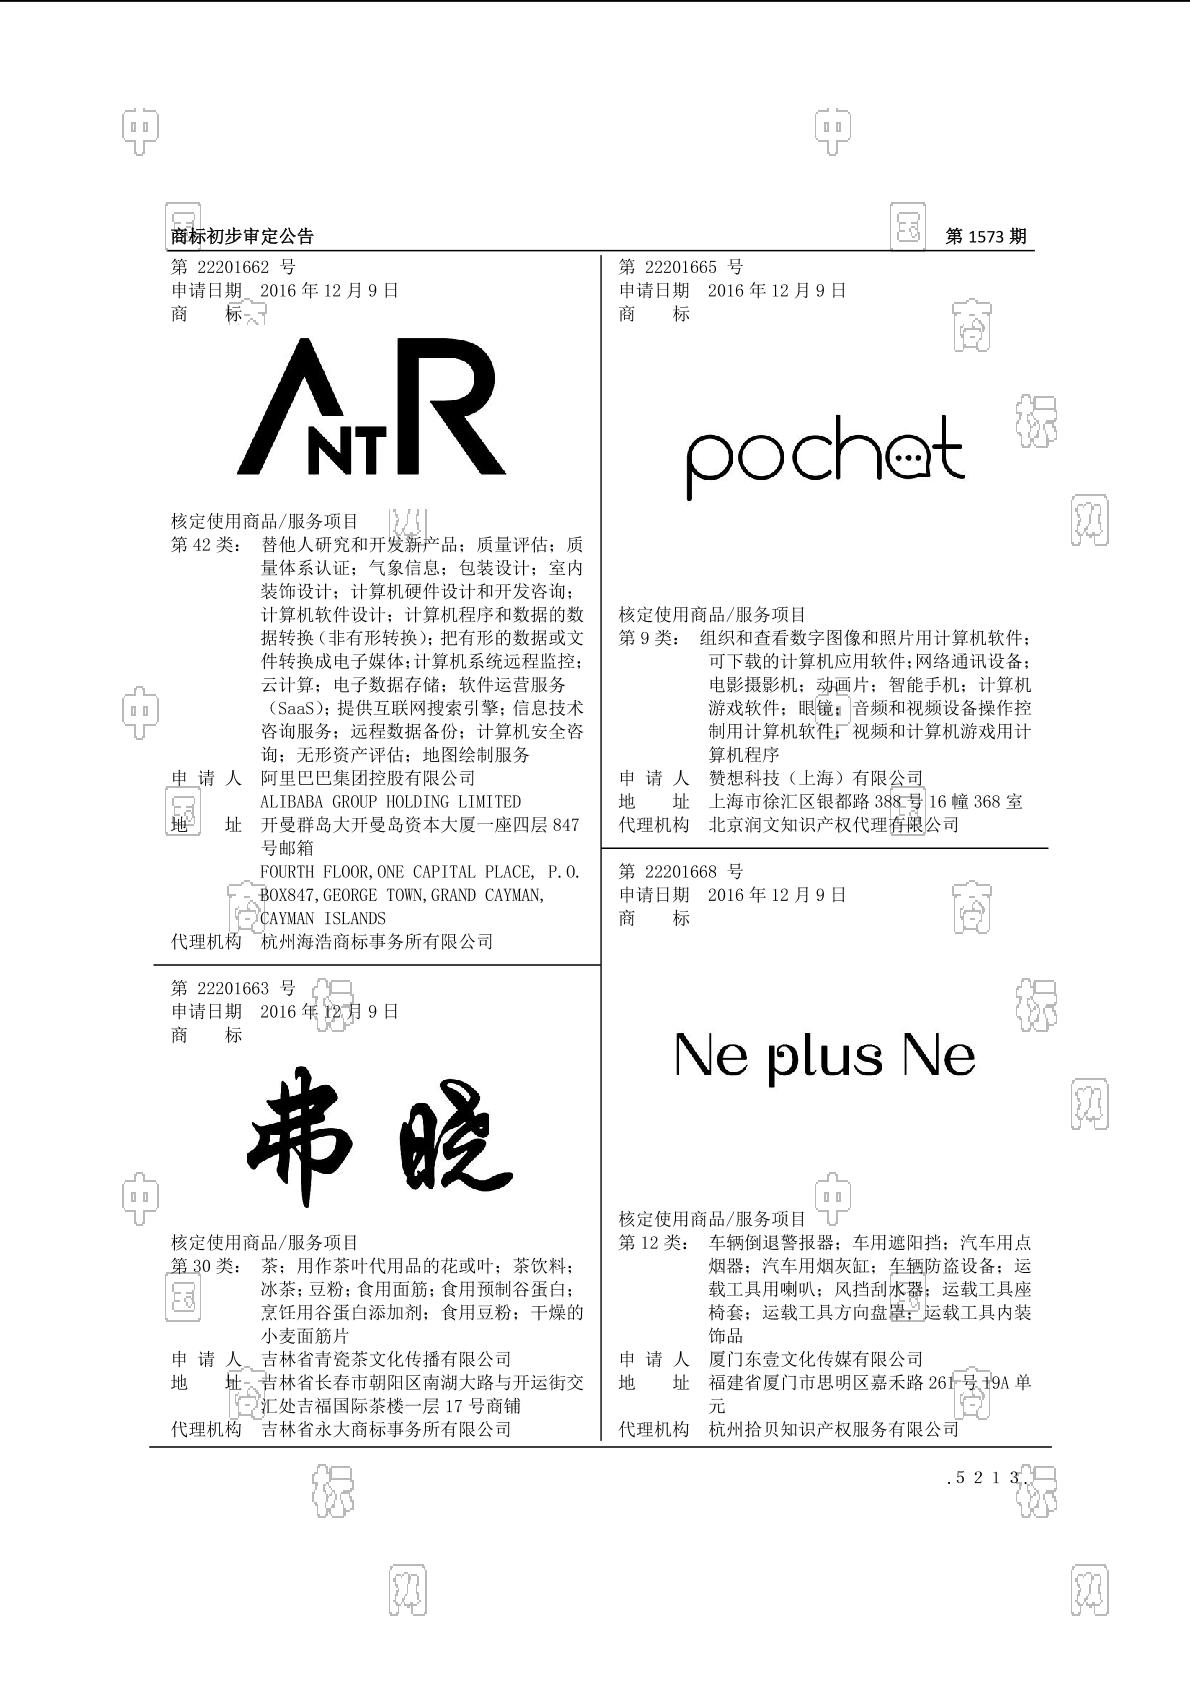 【社标网】POCHT商标状态注册号信息 赞想科技(上海)有限公司商标信息-商标查询